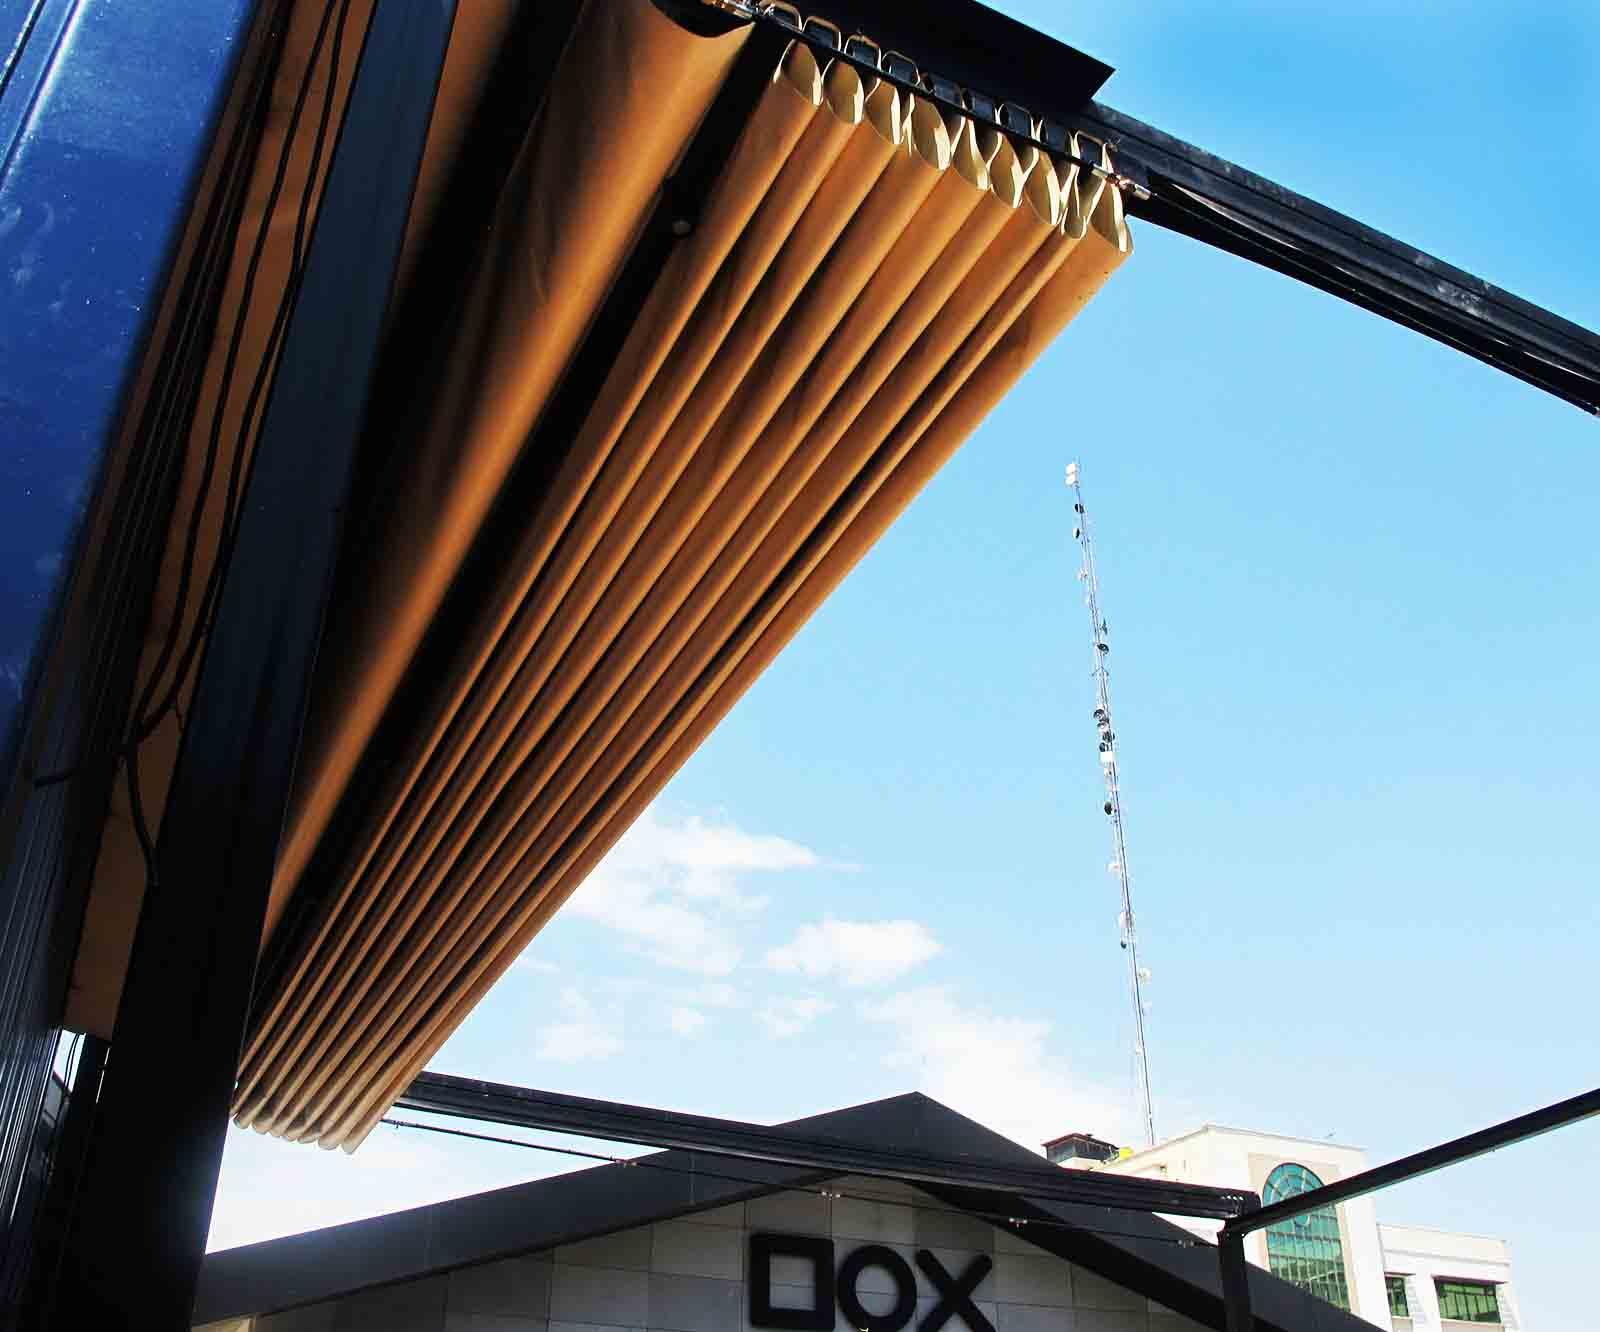 سقف متحرک رستوران کد دانشگاه